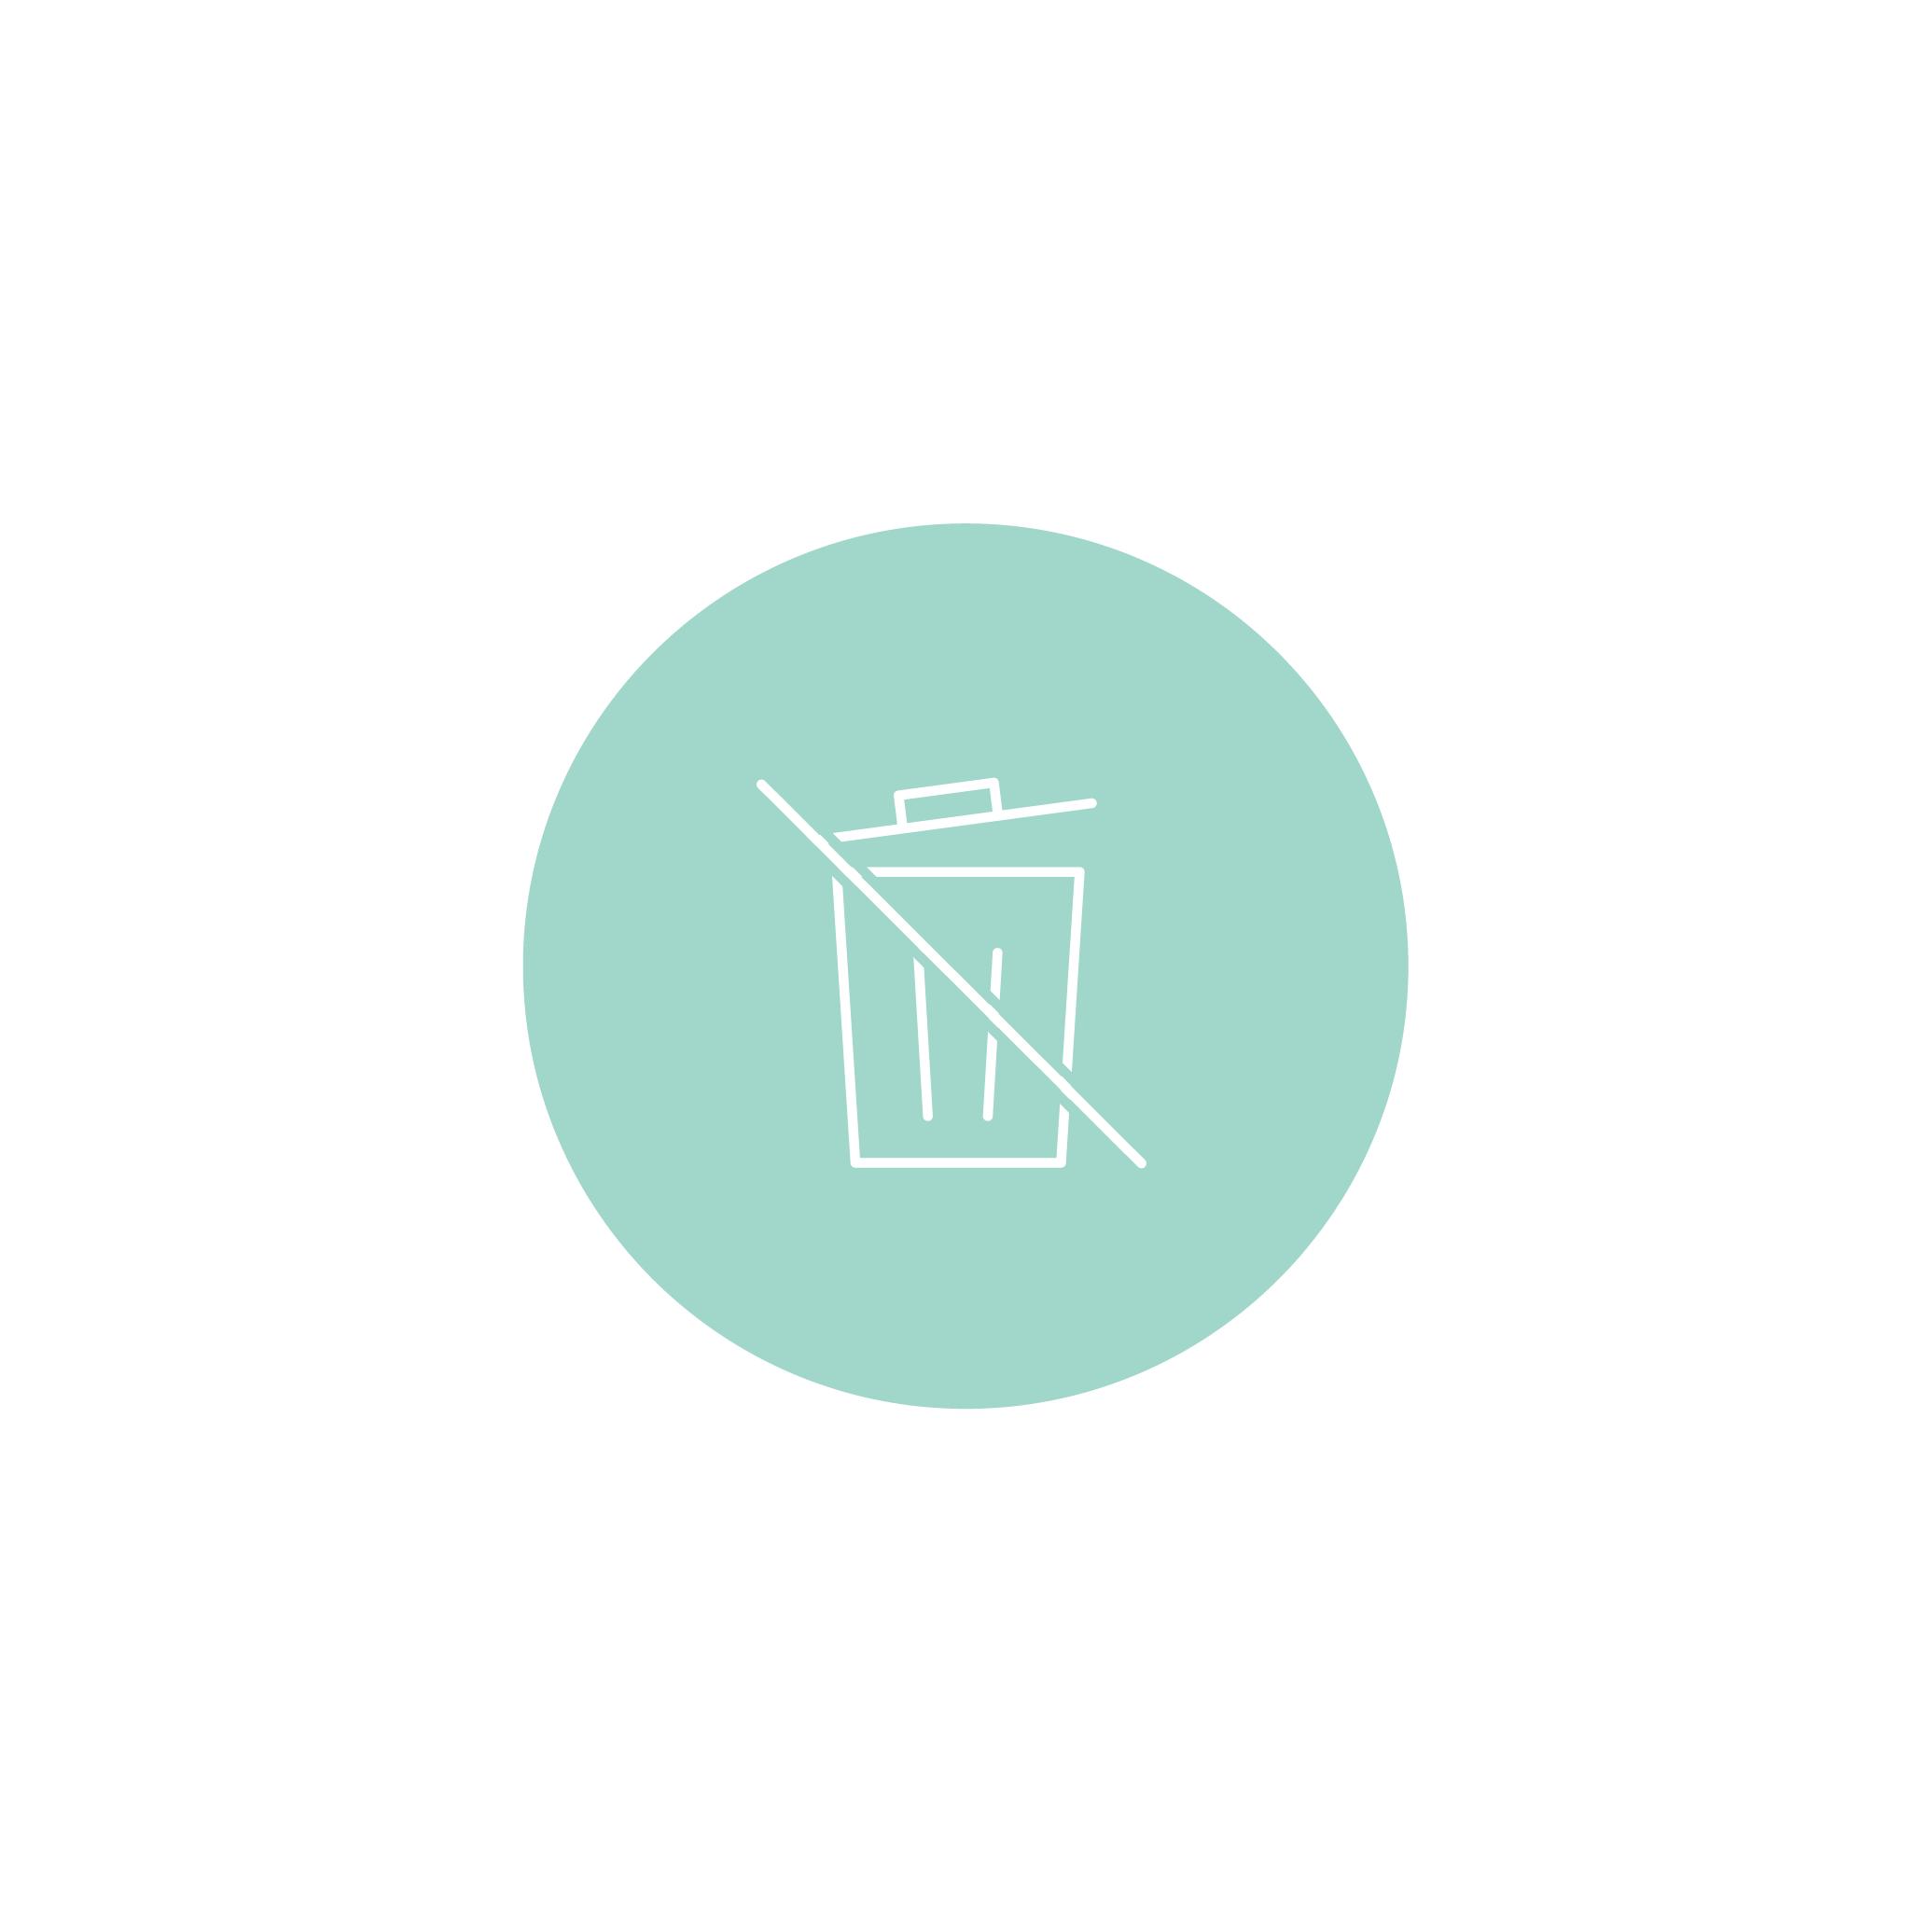 Aktive Müllvermeidung  RECUP ist die nachhaltige Alternative zum Einwegbecher: Jeder genutzte Pfandbecher vermeidet Einwegmüll.